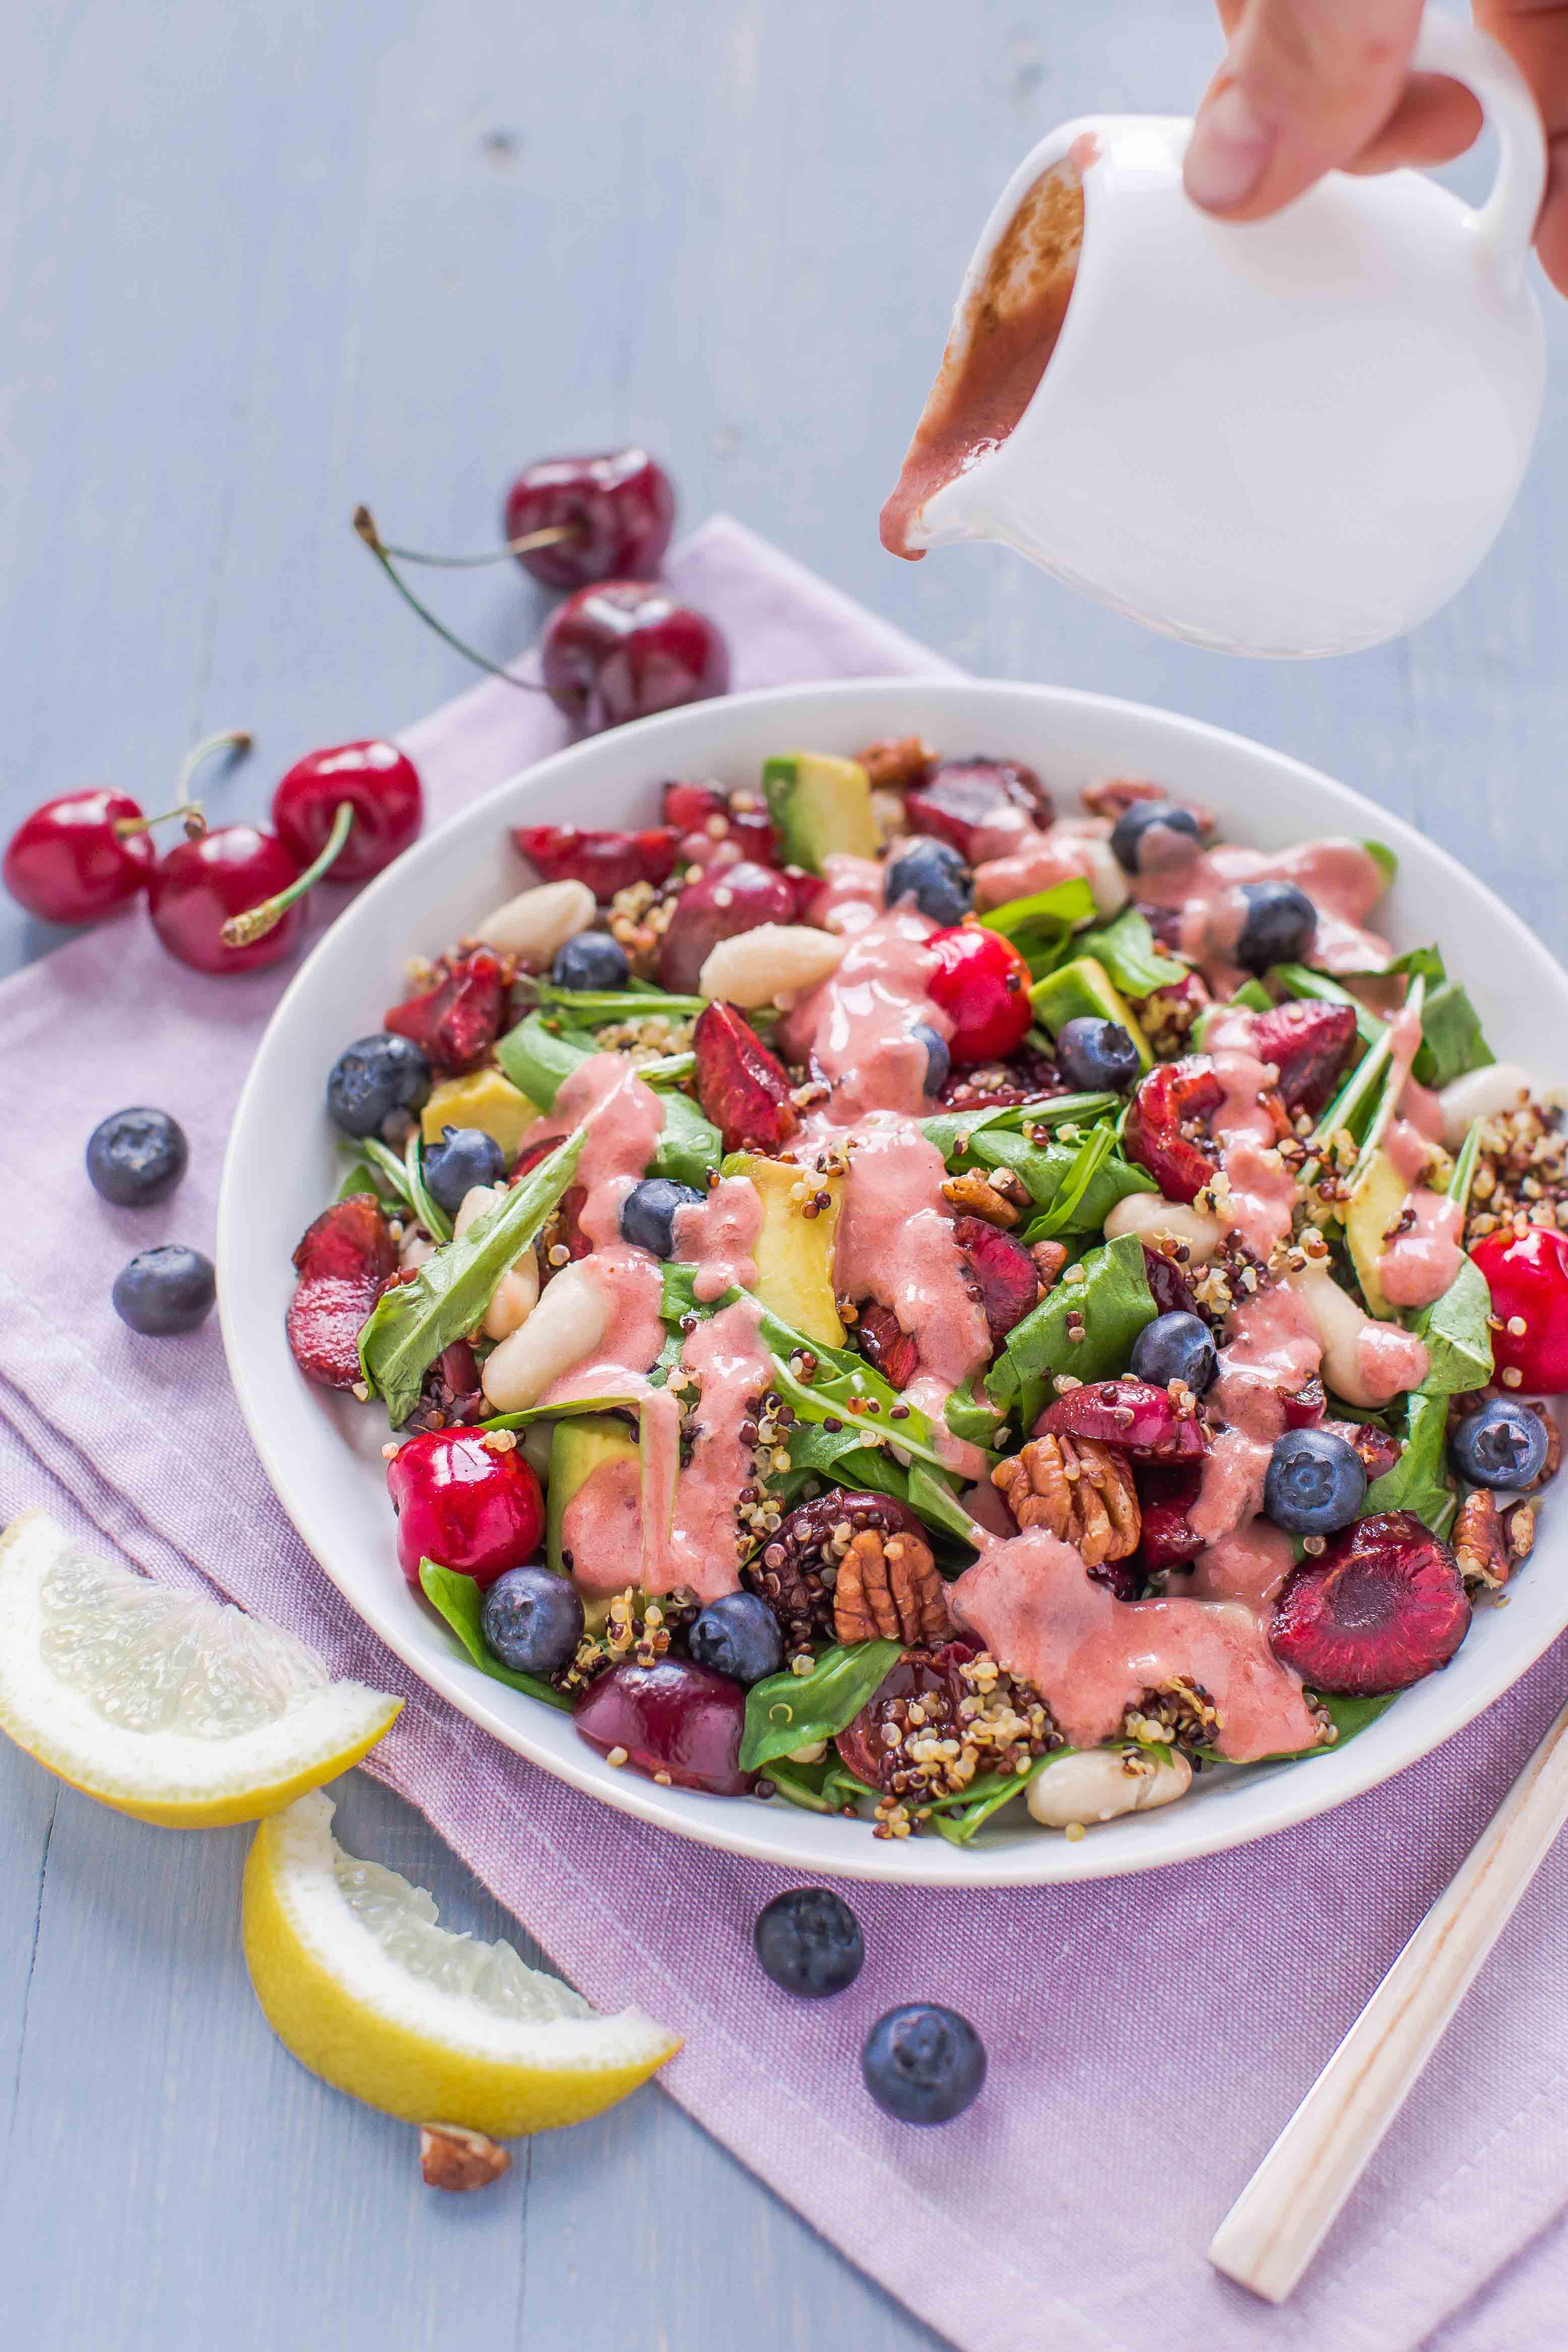 insalata di quinoa e ciliegie all'aceto balsamico con dressing alla ciliegie - balsamic cherry quinoa salad with cherry vinaigrette dressing